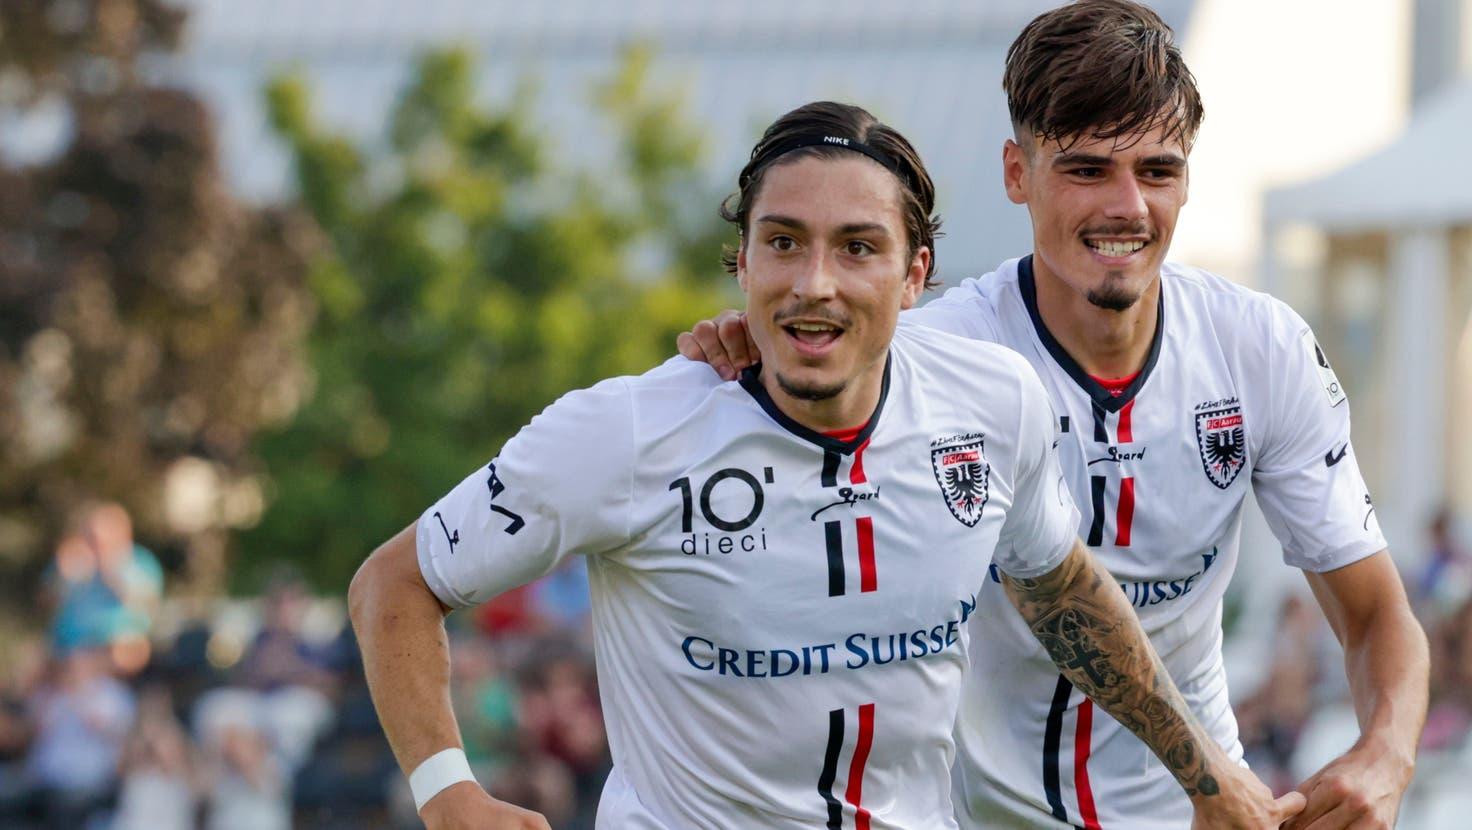 Jetzt live: Der FC Aarau startet in Lausanne die zweite Halbzeit mit einem 2:0-Vorsprung